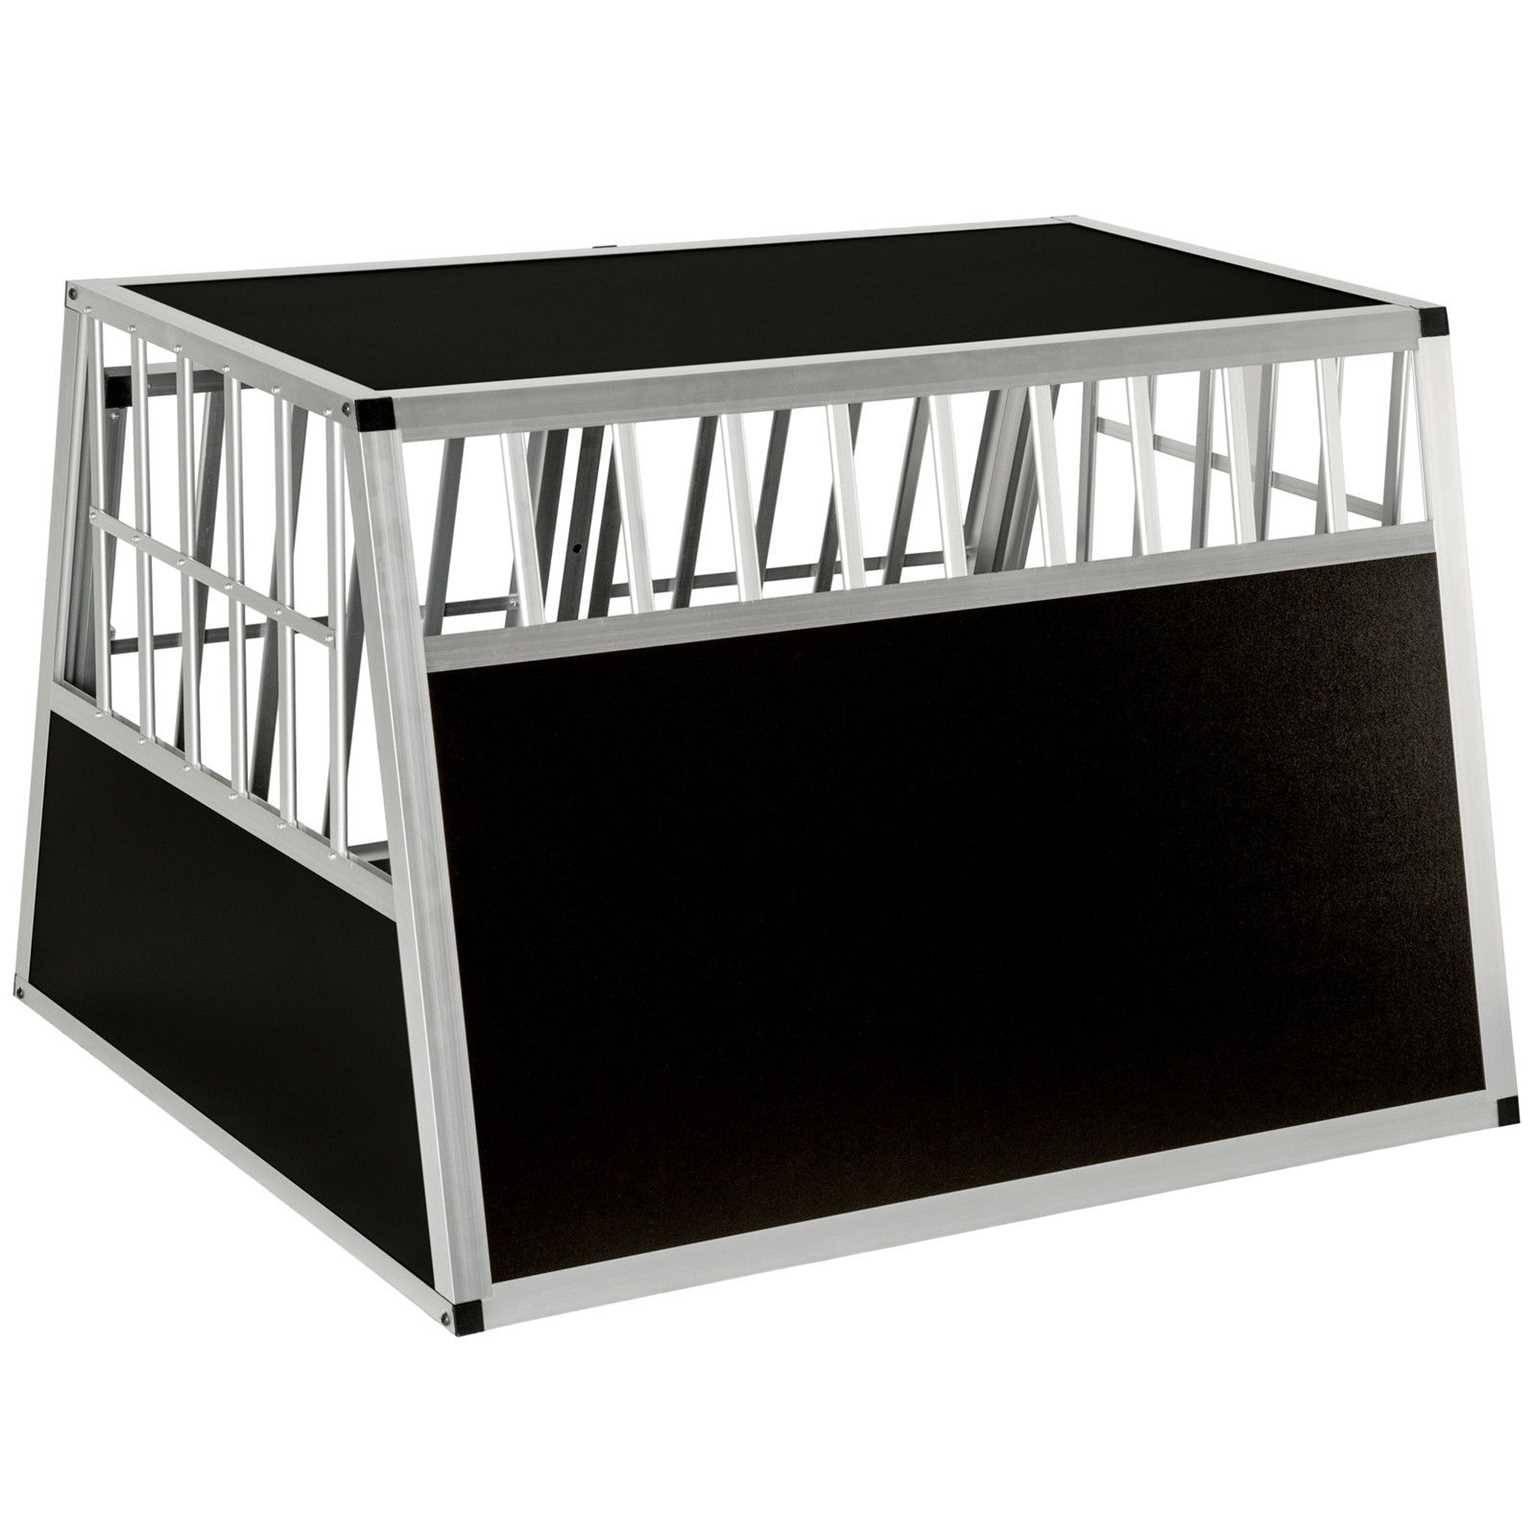 doppel hundetransportbox alu gr sse xxl bobby box. Black Bedroom Furniture Sets. Home Design Ideas